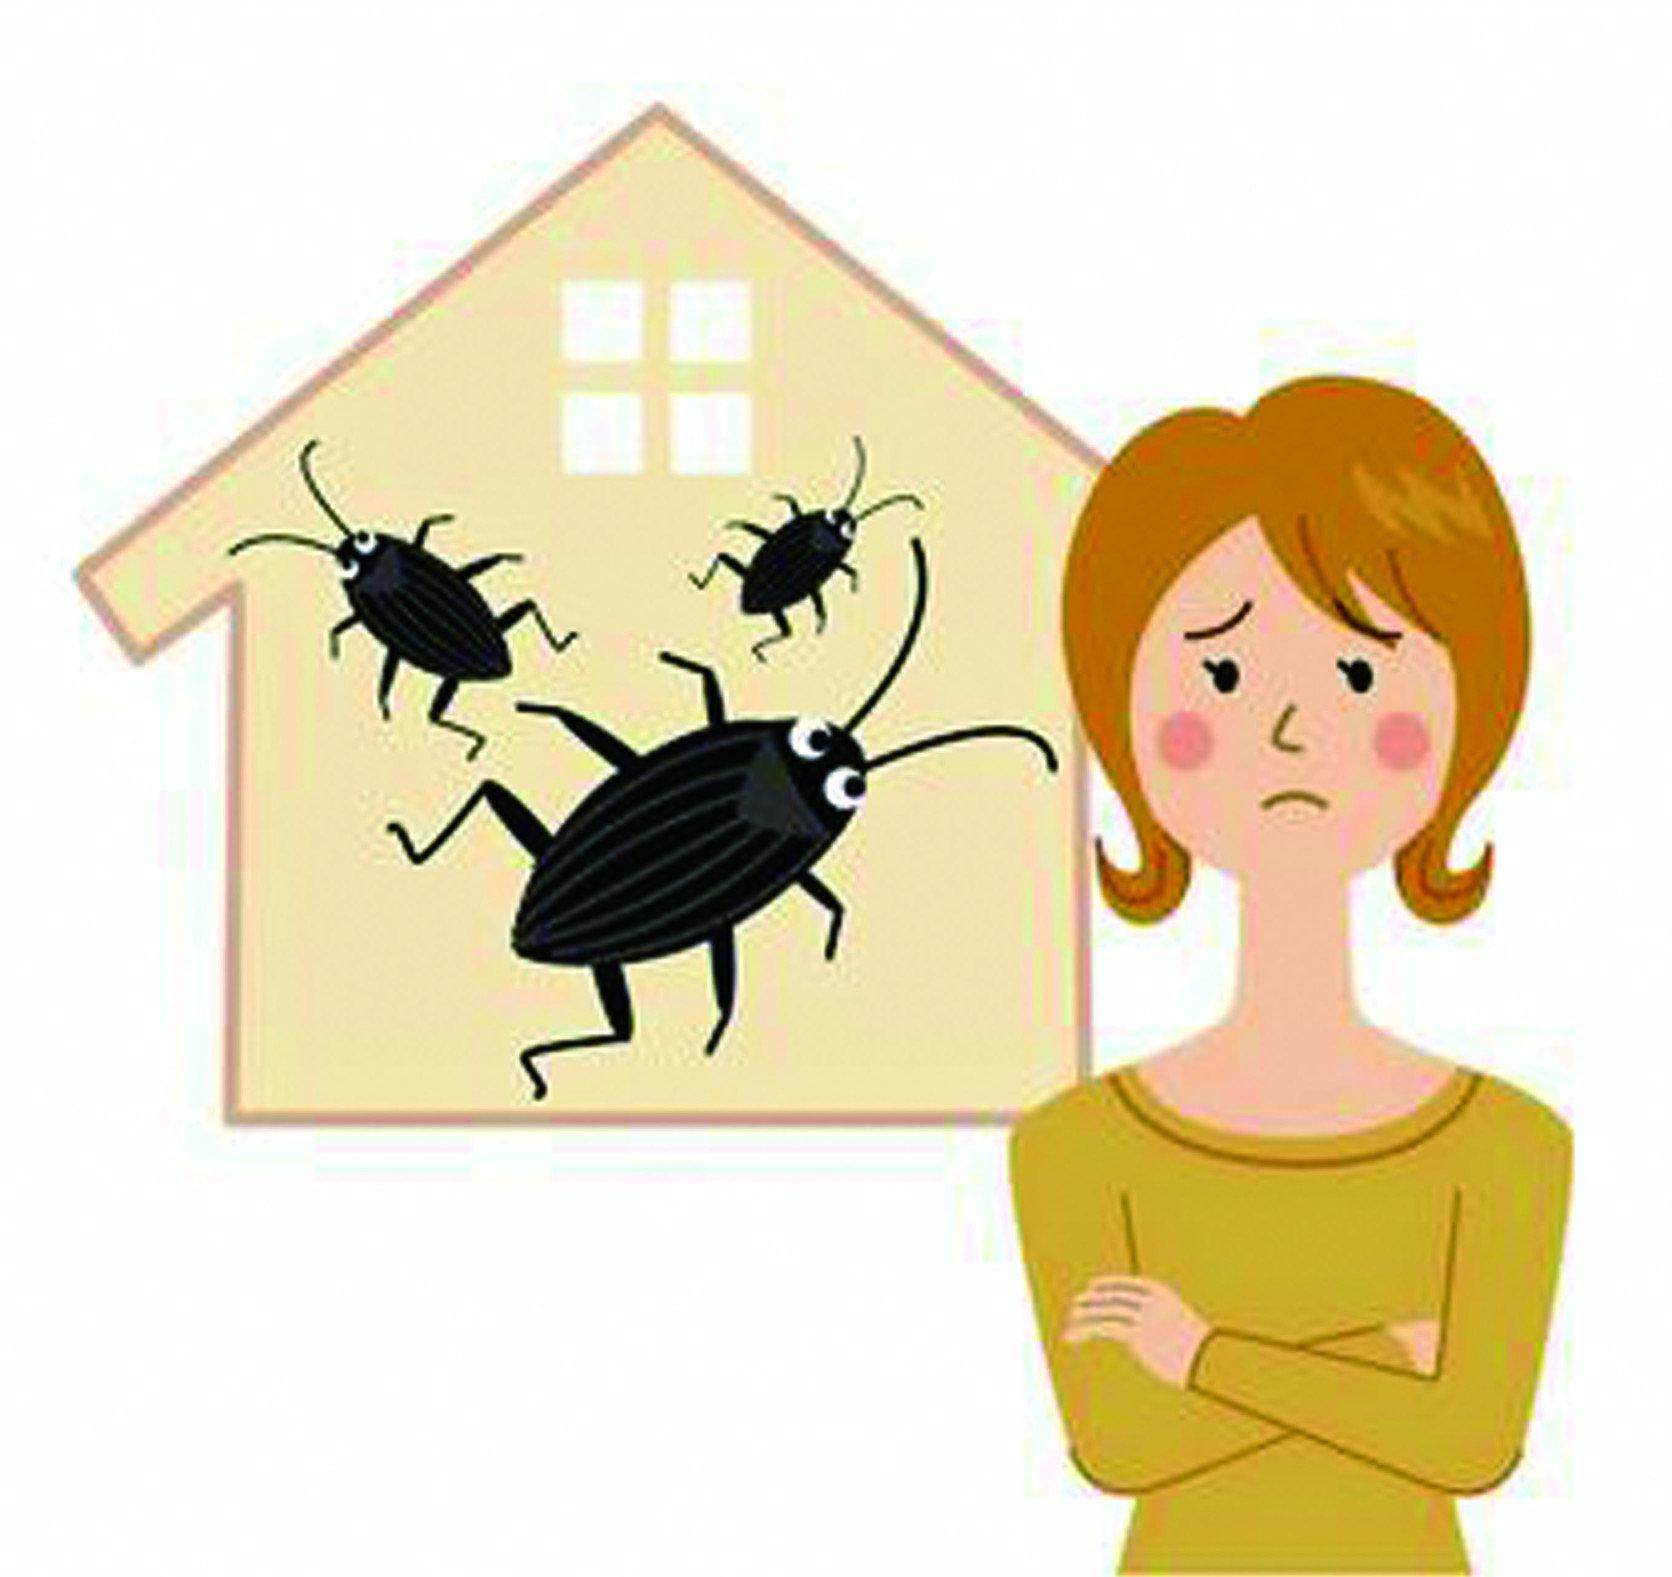 『除/滅蟑螂問題』蟑螂大舉入侵,委託除蟑螂專家防治常見的問題 !!